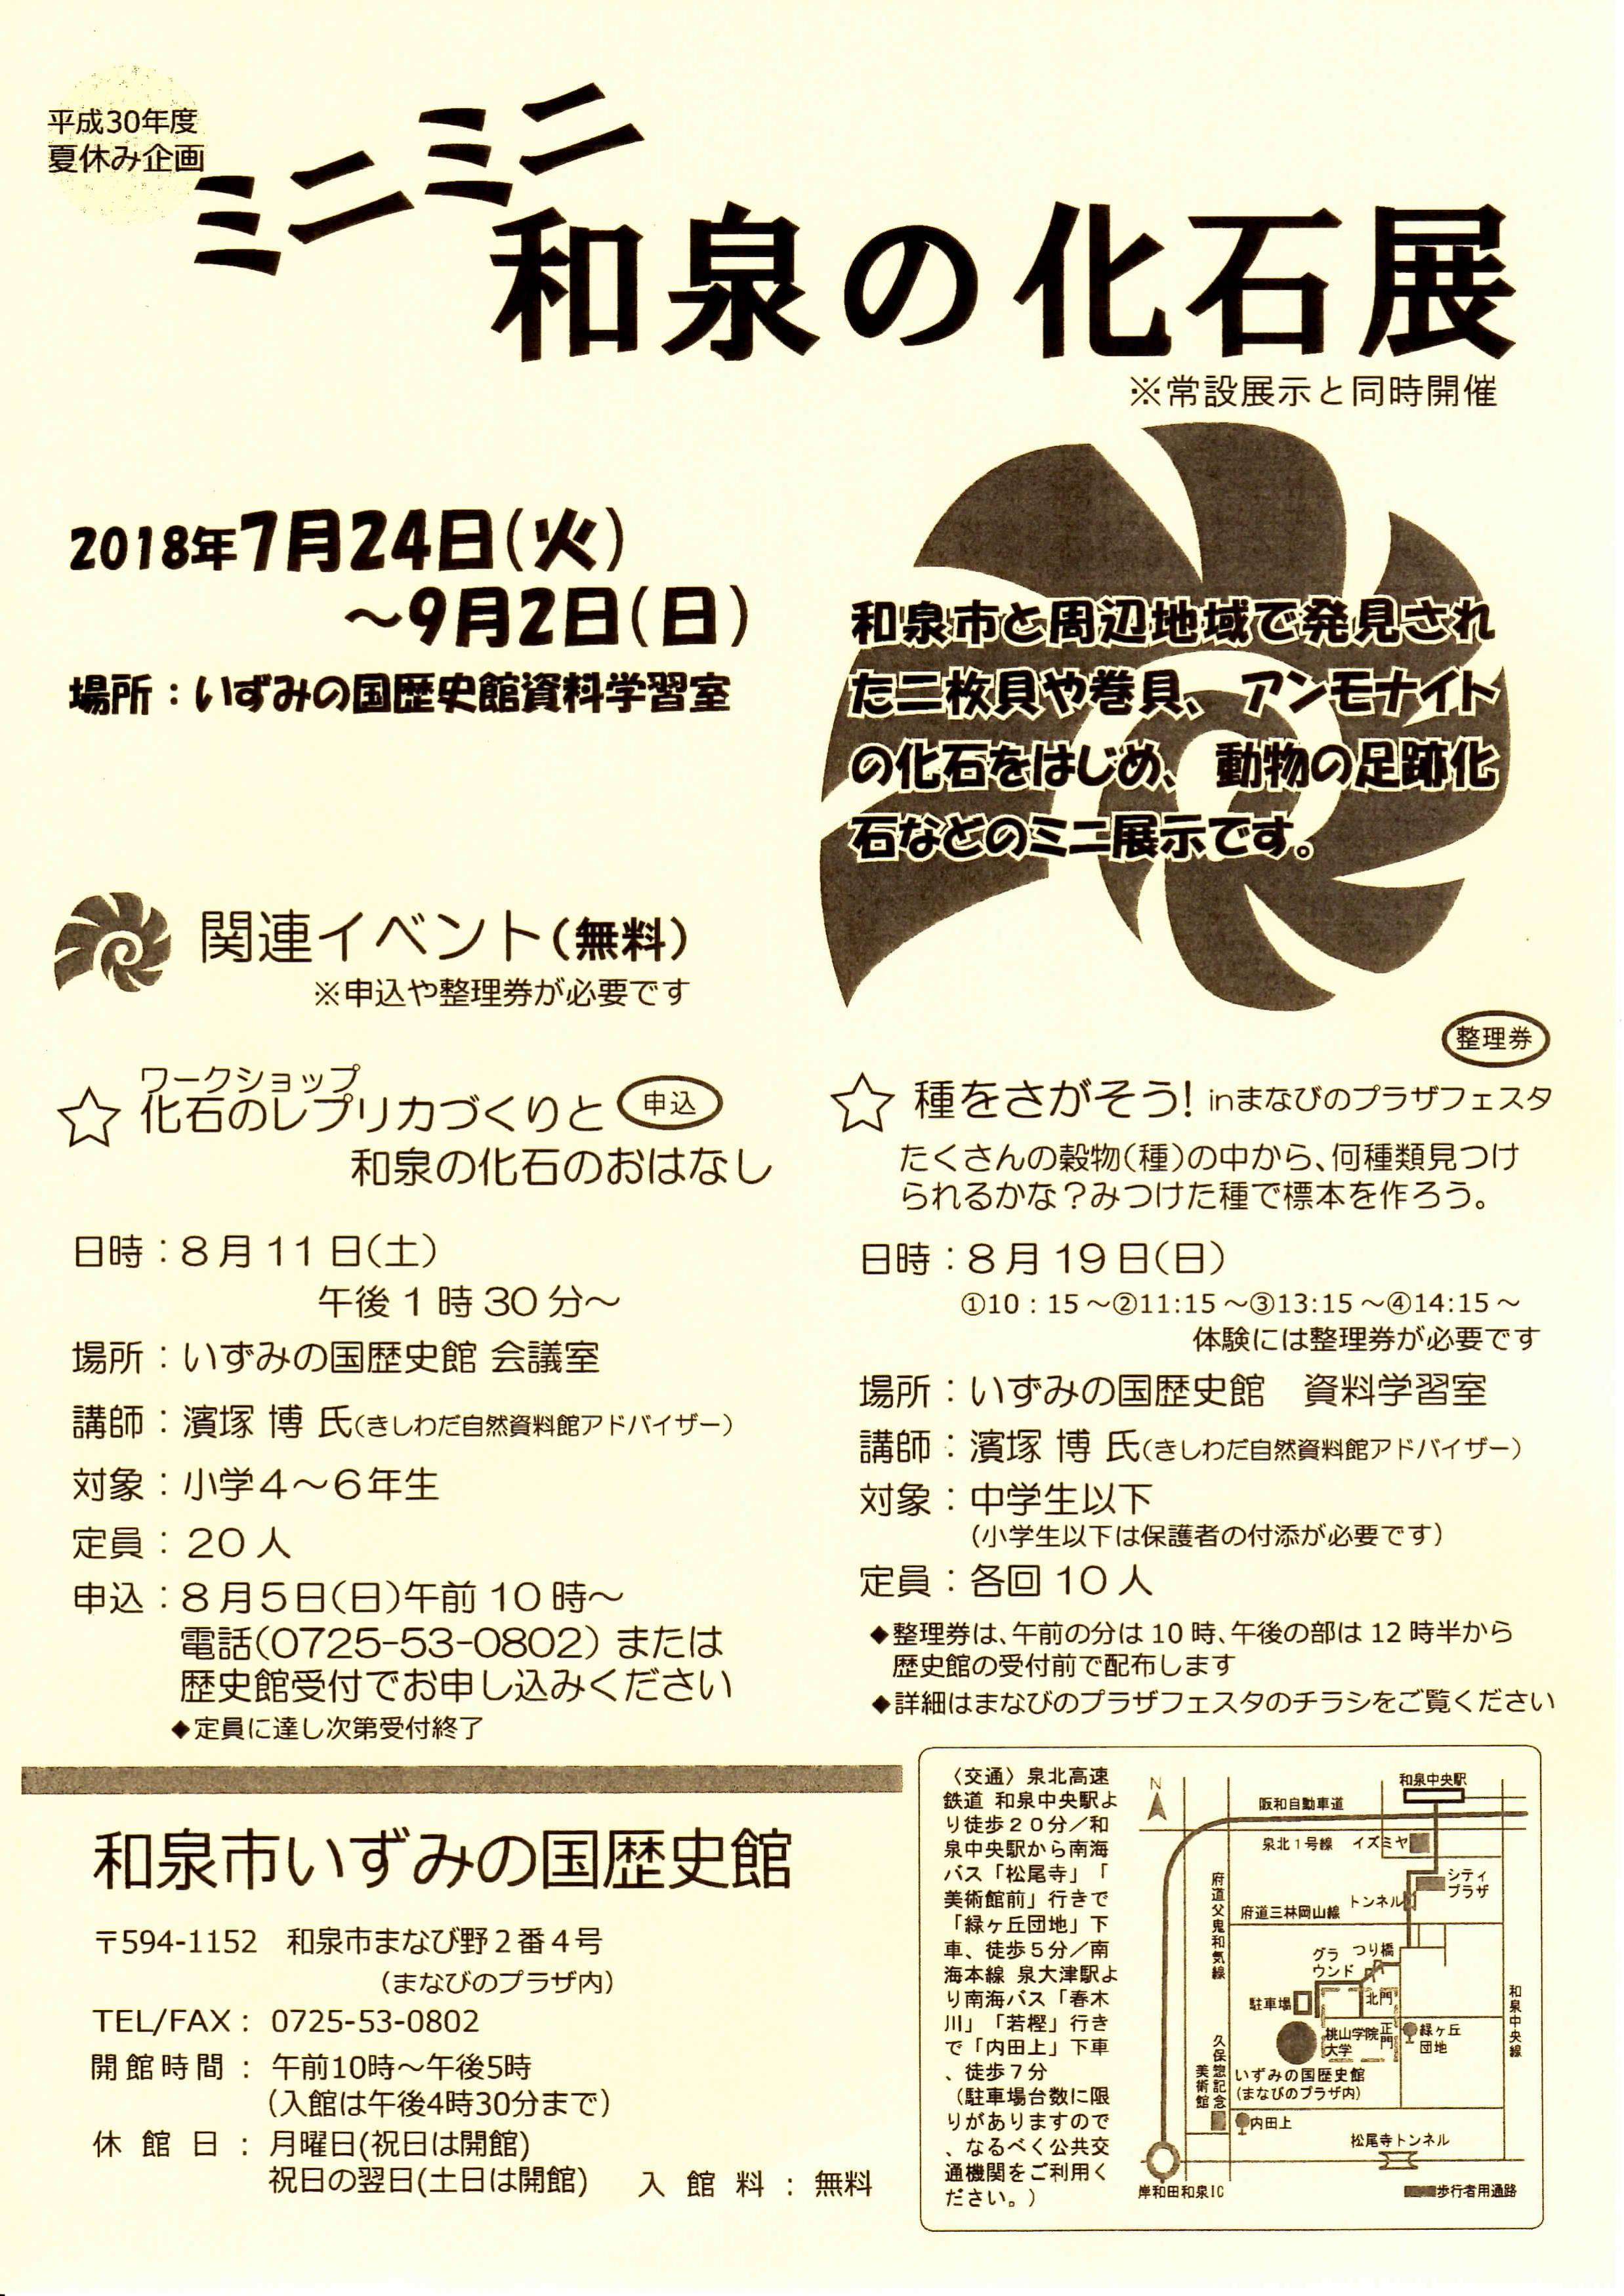 平成30年度夏休み企画『ミニミニ  和泉の化石展』7月24日(火)~9月2日(日) 和泉市いずみの国歴史館にて開催